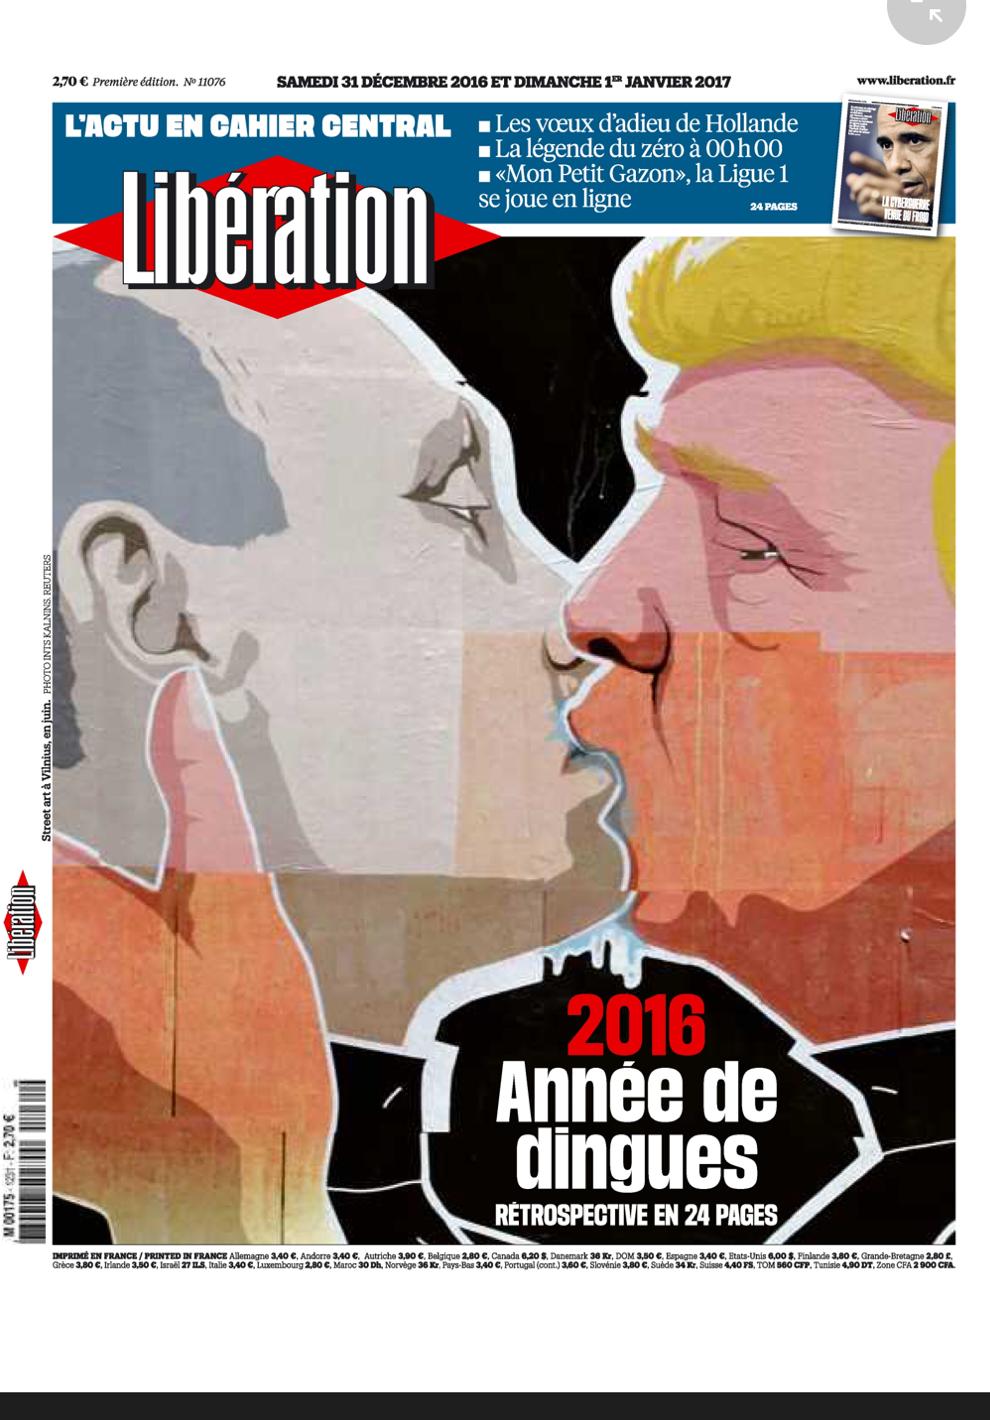 Épinglé par JeanLuc Chollet sur les unes Libération